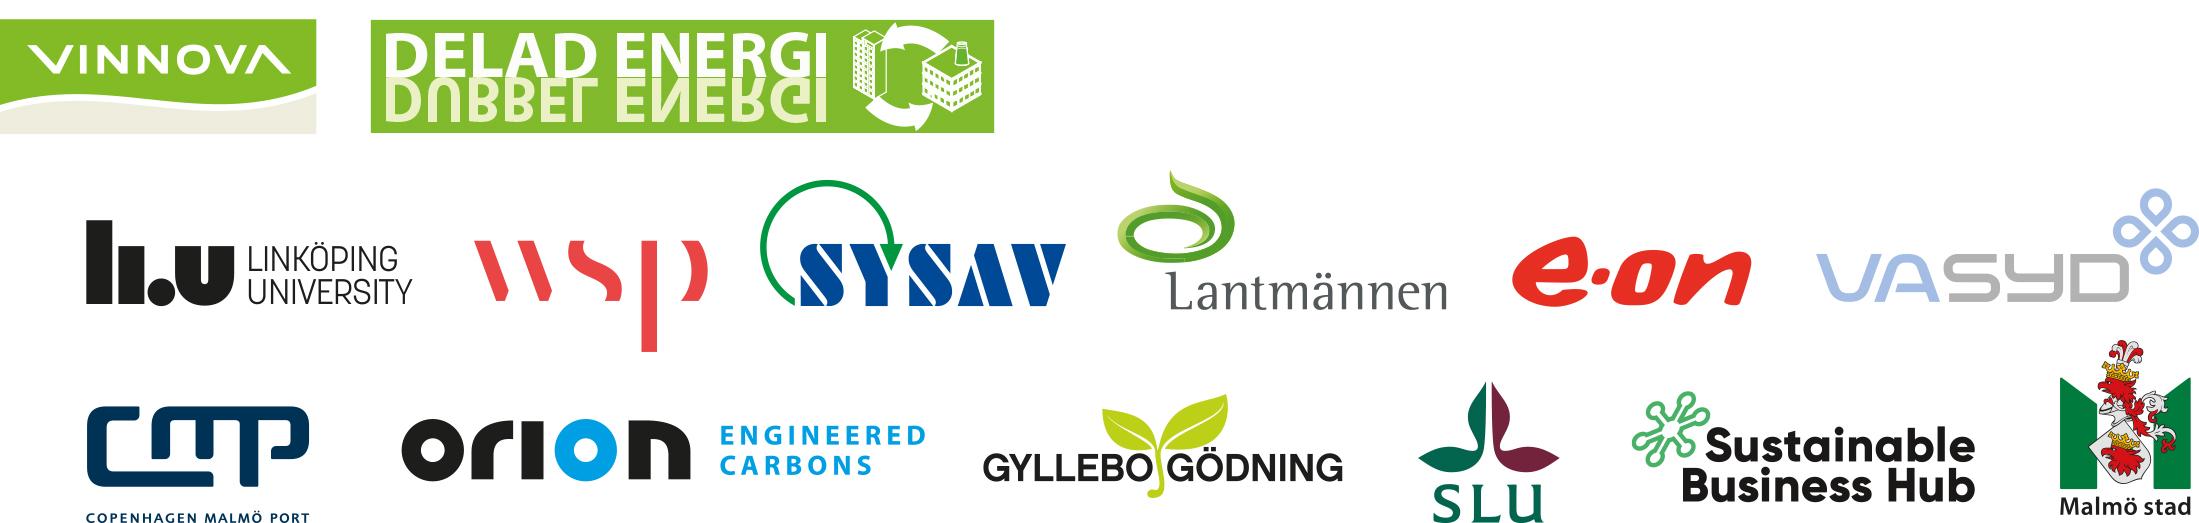 Samtliga partners logos